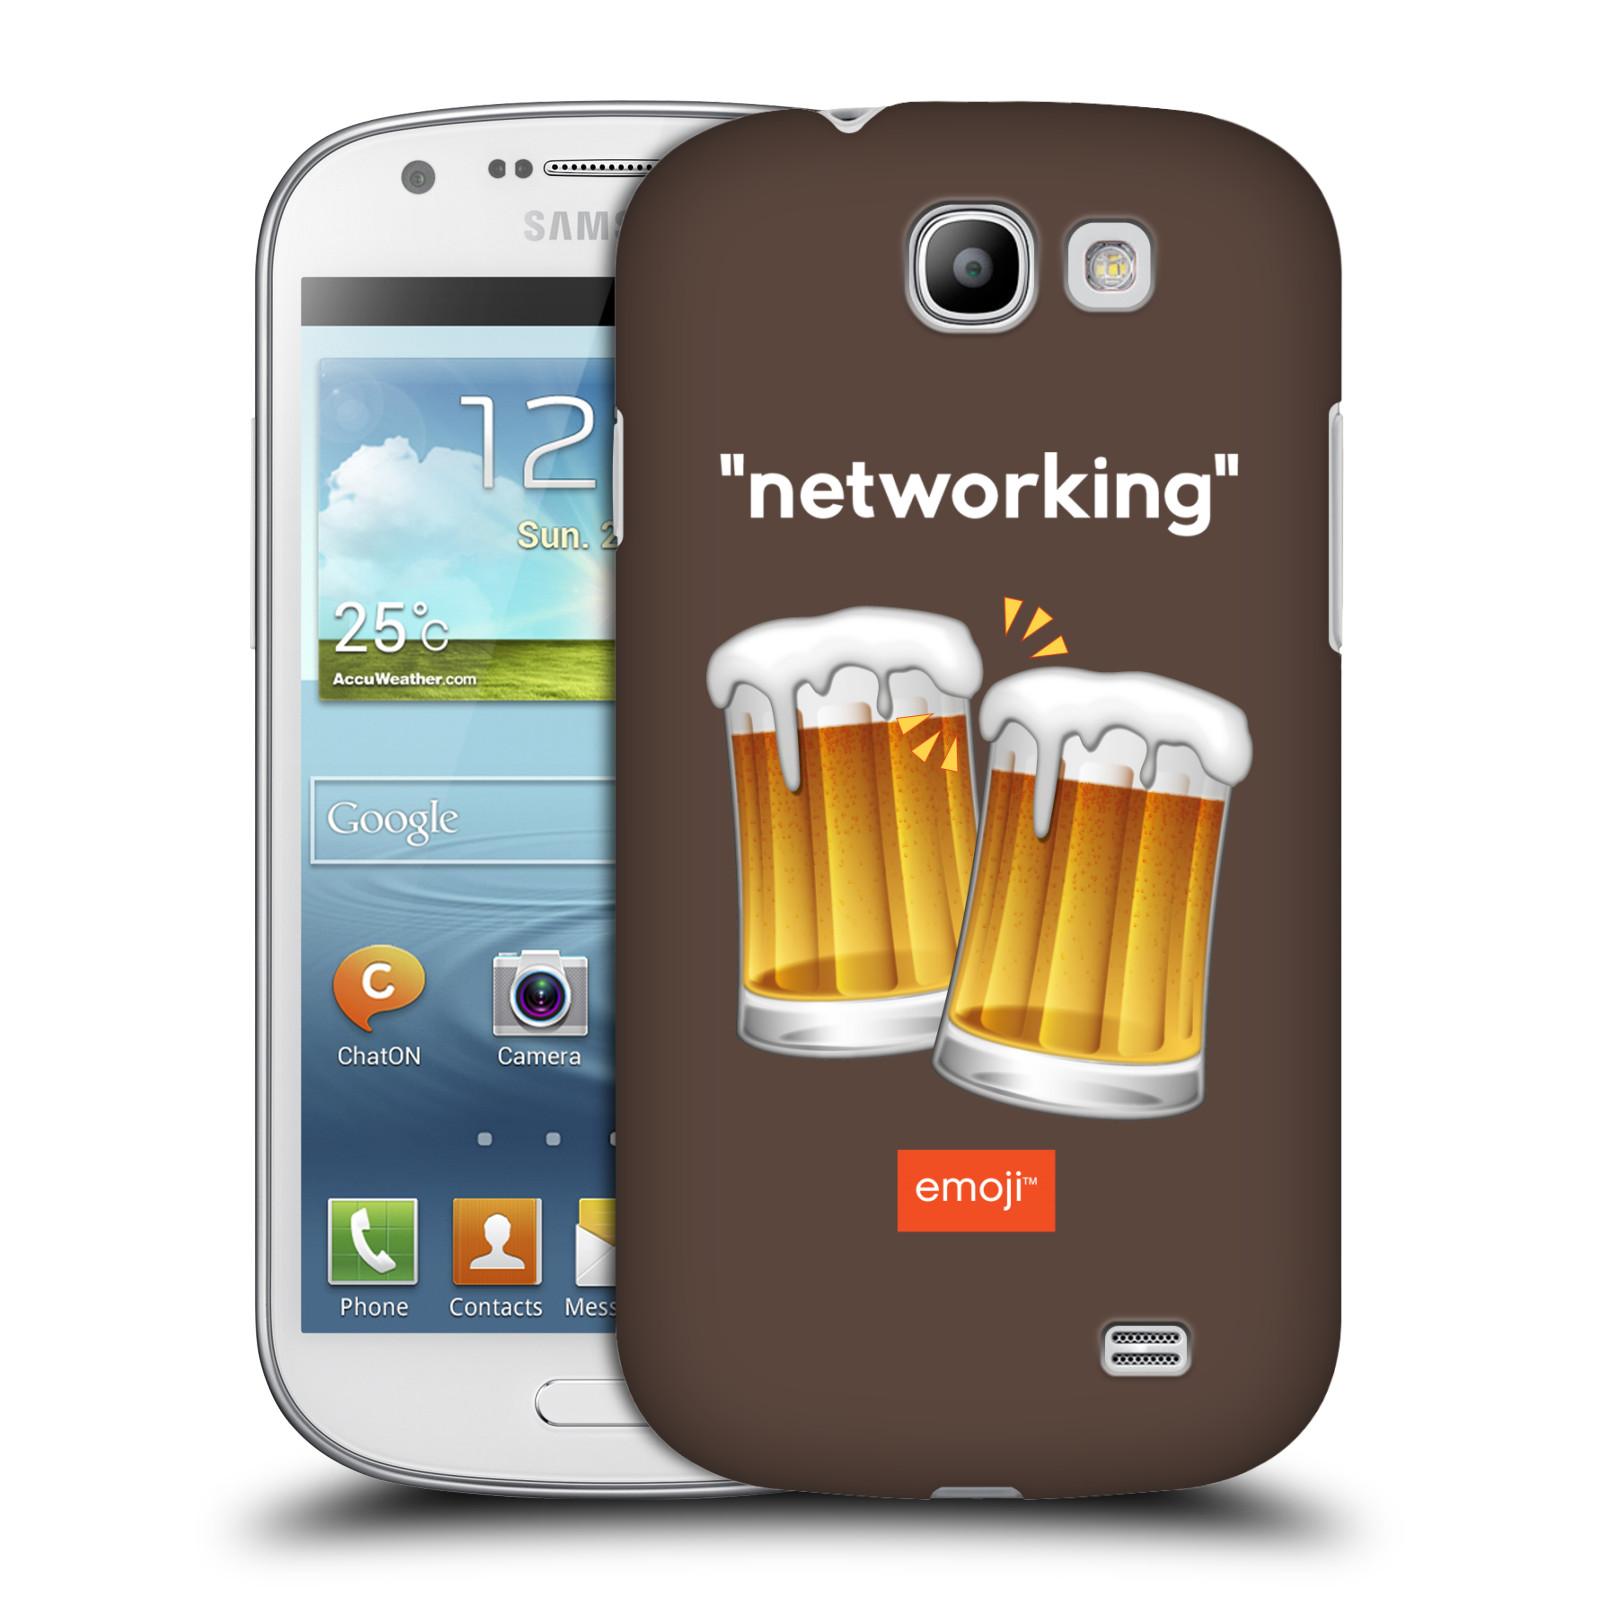 Plastové pouzdro na mobil Samsung Galaxy Express HEAD CASE EMOJI - Pivní networking (Kryt či obal s oficiálním motivem EMOJI na mobilní telefon Samsung Galaxy Express GT-i8730)